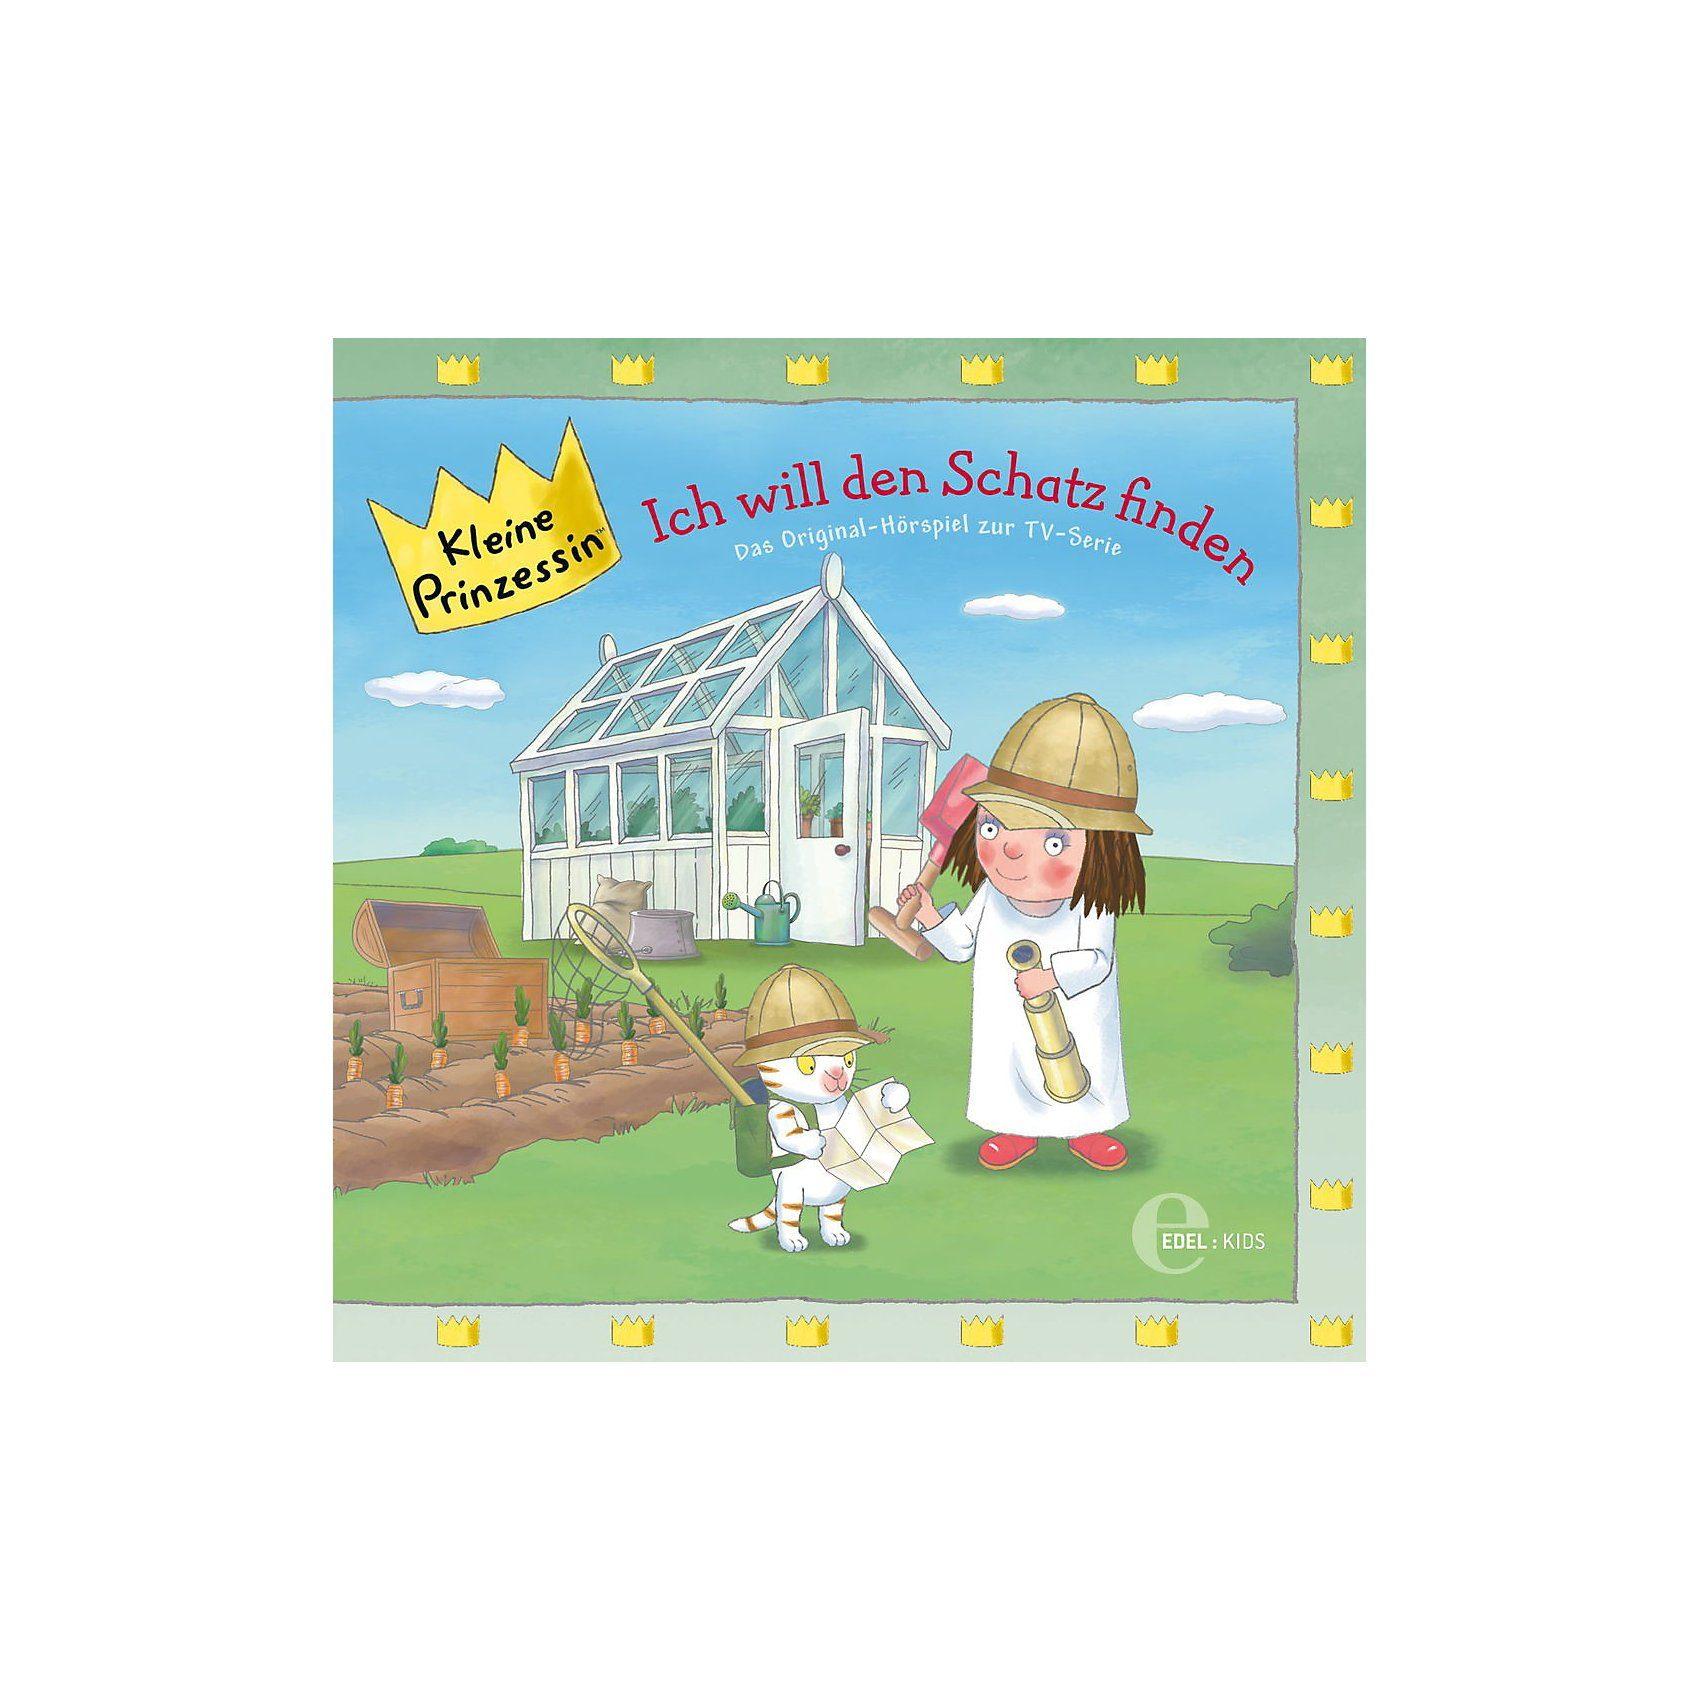 Edel CD Kleine Prinzessin 14 - Ich will den Schatz finden